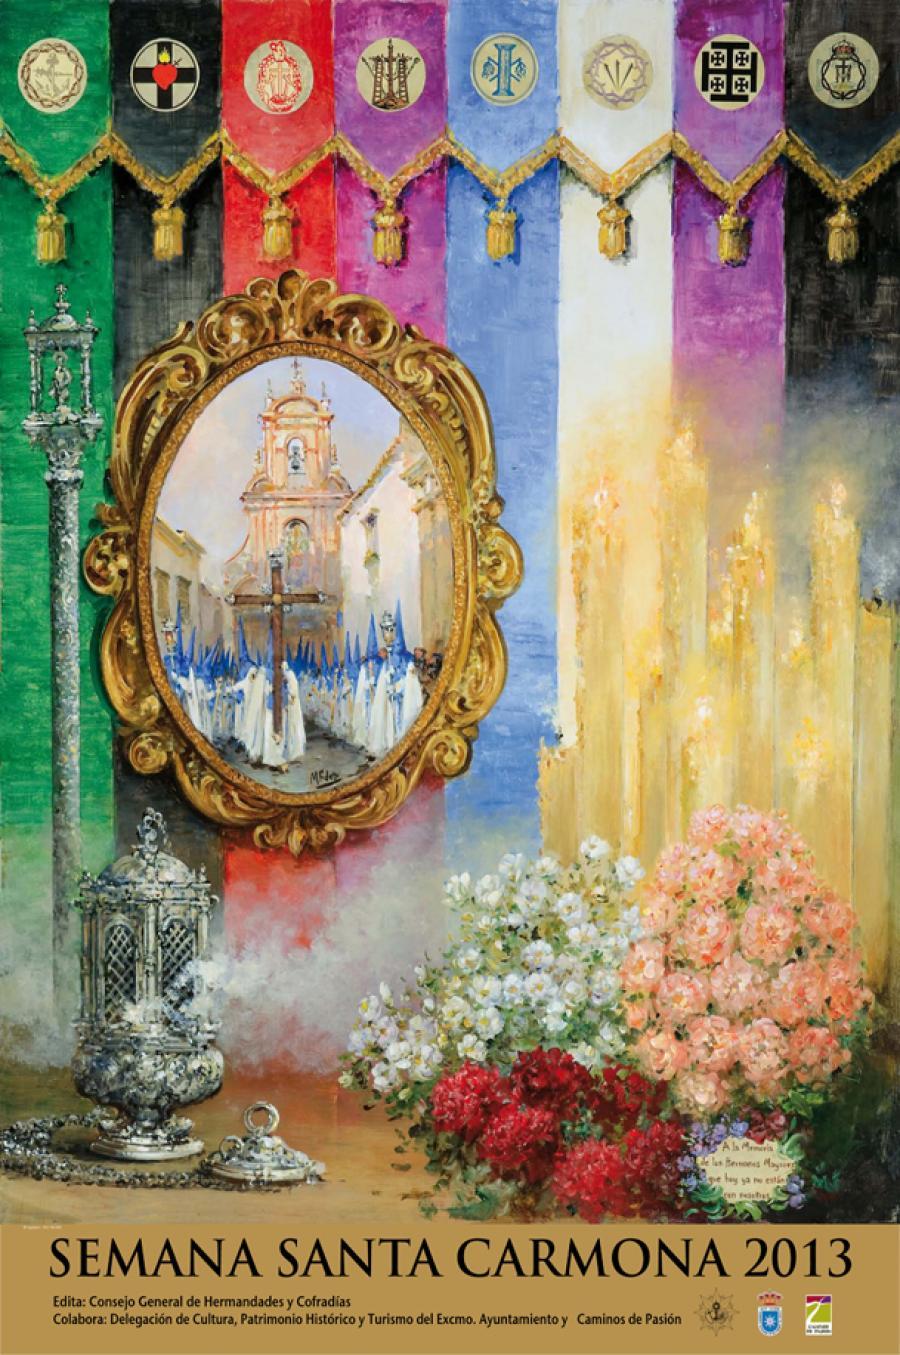 Cartel de la Semana Santa de Carmona 2013